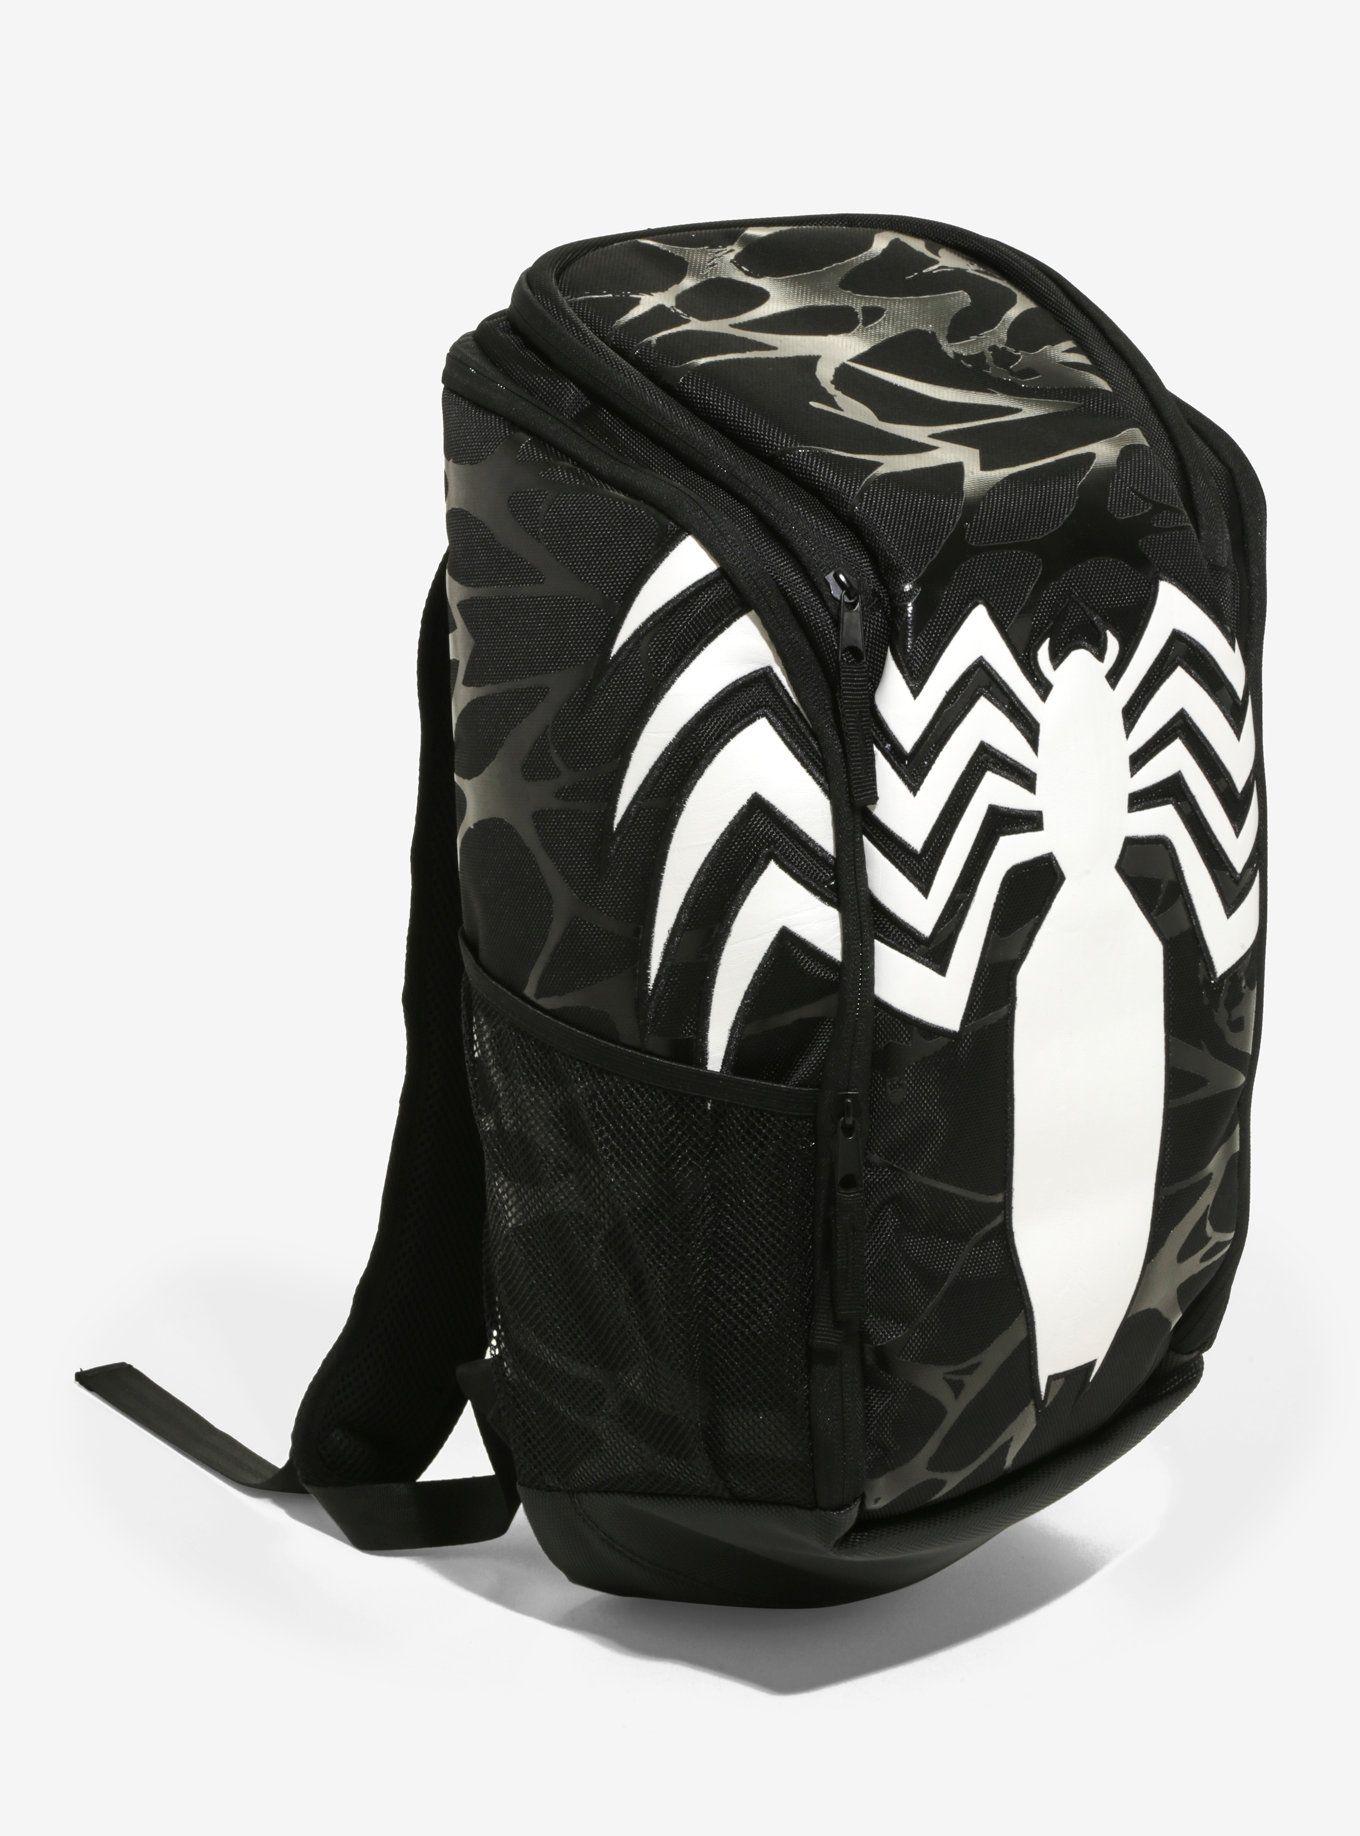 5860f8c811ae20 Marvel Venom Built-Up Backpack, Marvel Venom Built-Up Backpack White Venom,